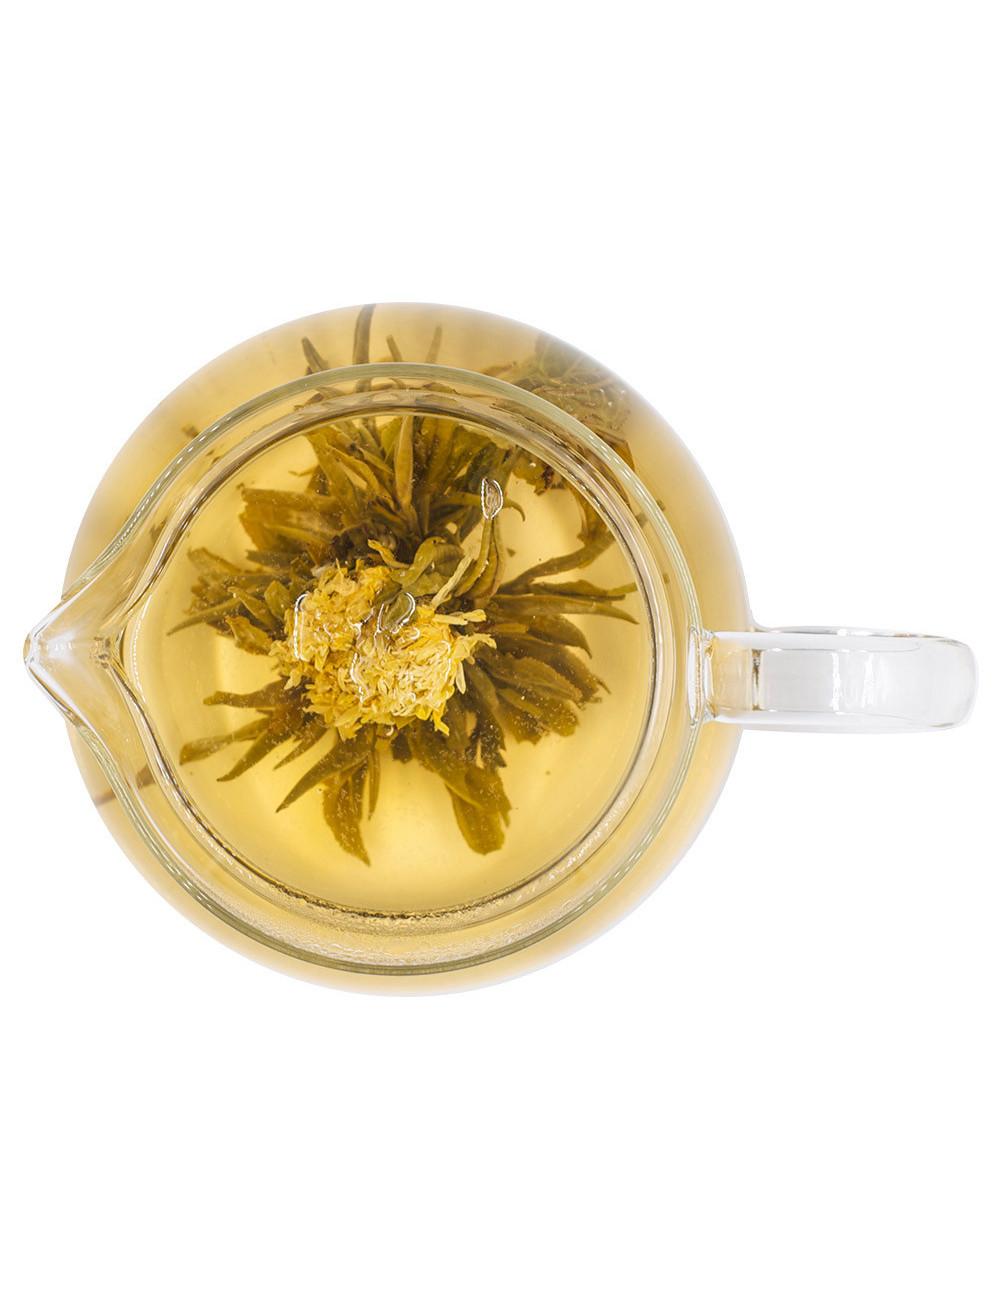 Fiore del sole Bouquet di tè verde - La Pianta del Tè shop online